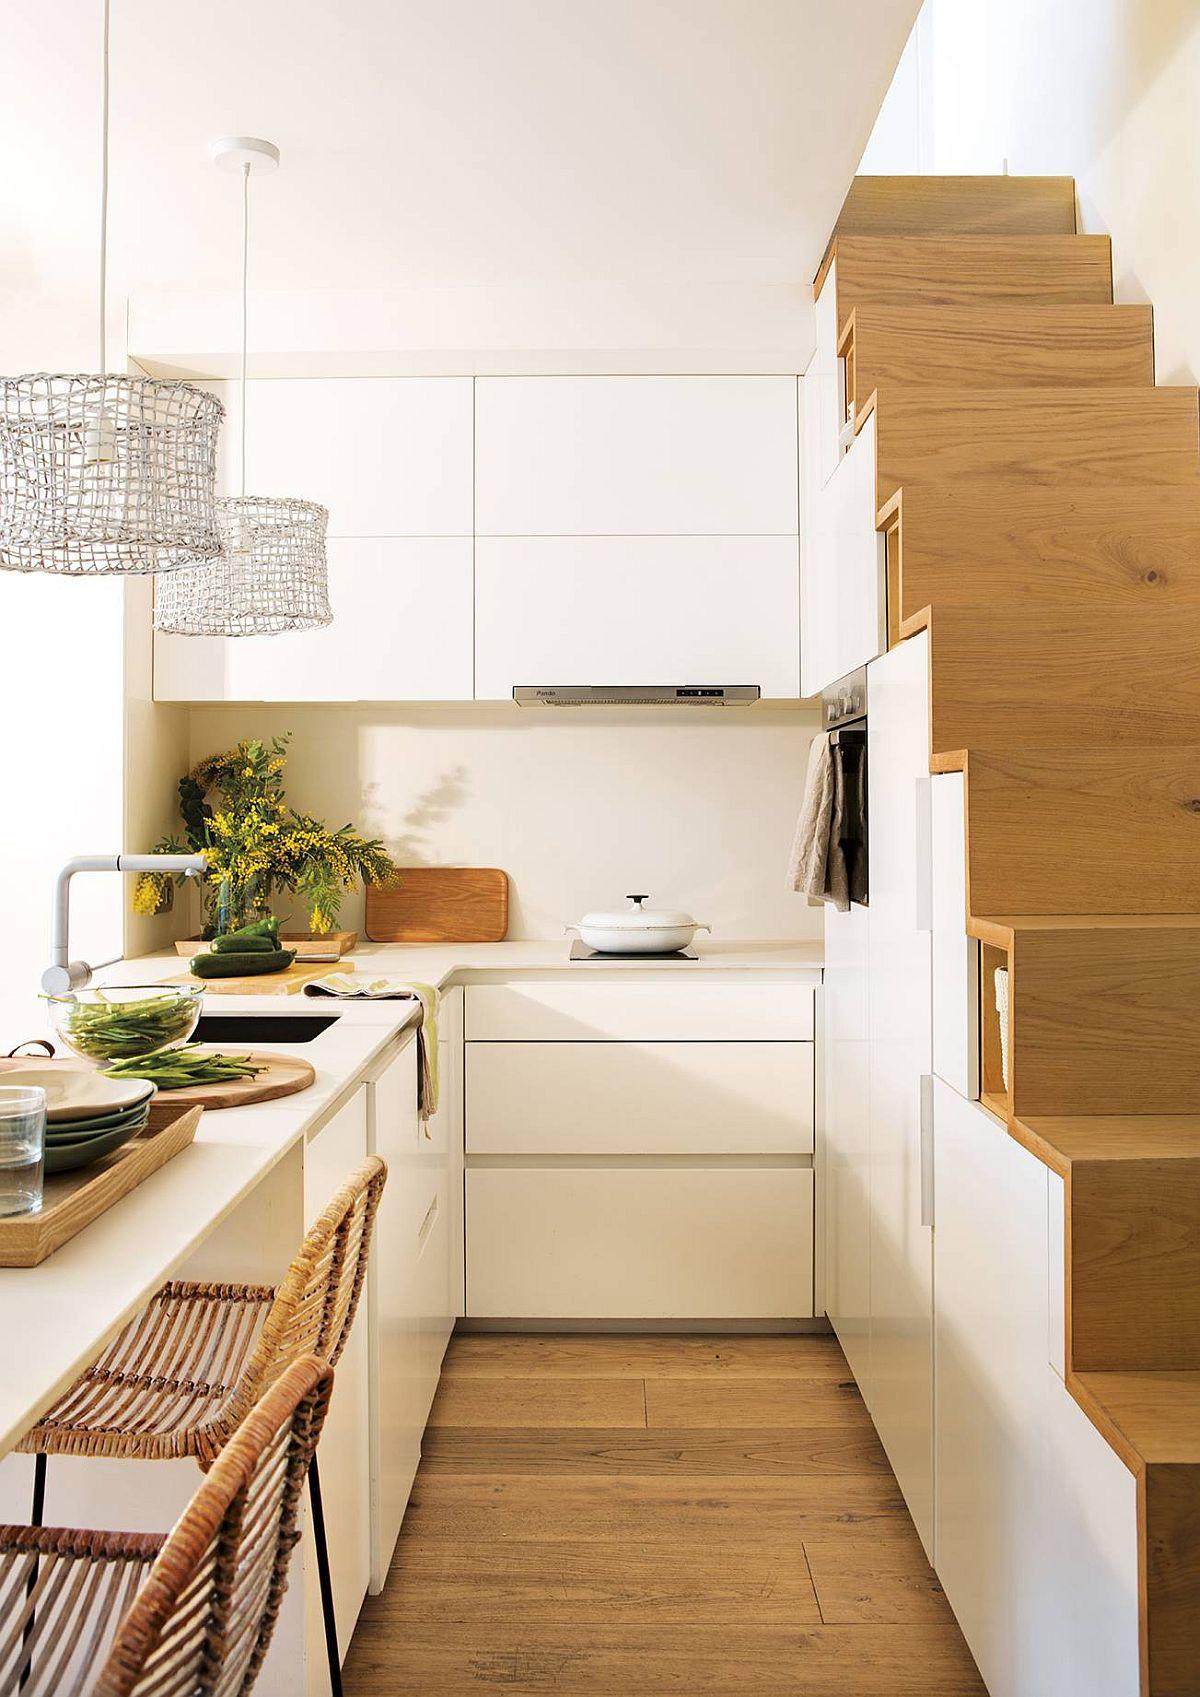 Chiar dacă spațiul este mic și îngust, bucătăria este excelent organizată. Pentru a exploata fiecare centimetru pătrat, designerul a prevăzut o plită cu două ochiuri în loc de una clasică, iar cuptorul a fost poziționat la înălțime, pentur ca sub blat să existe sertare pentru depozitare.